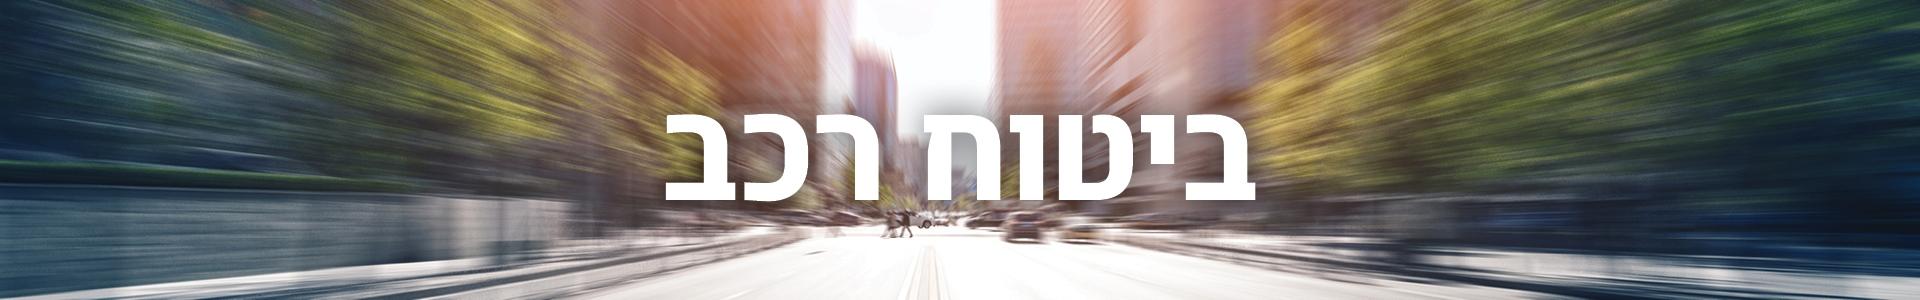 שיתוף פעולה בין קיה ישראל לחברת הביטוח הראל